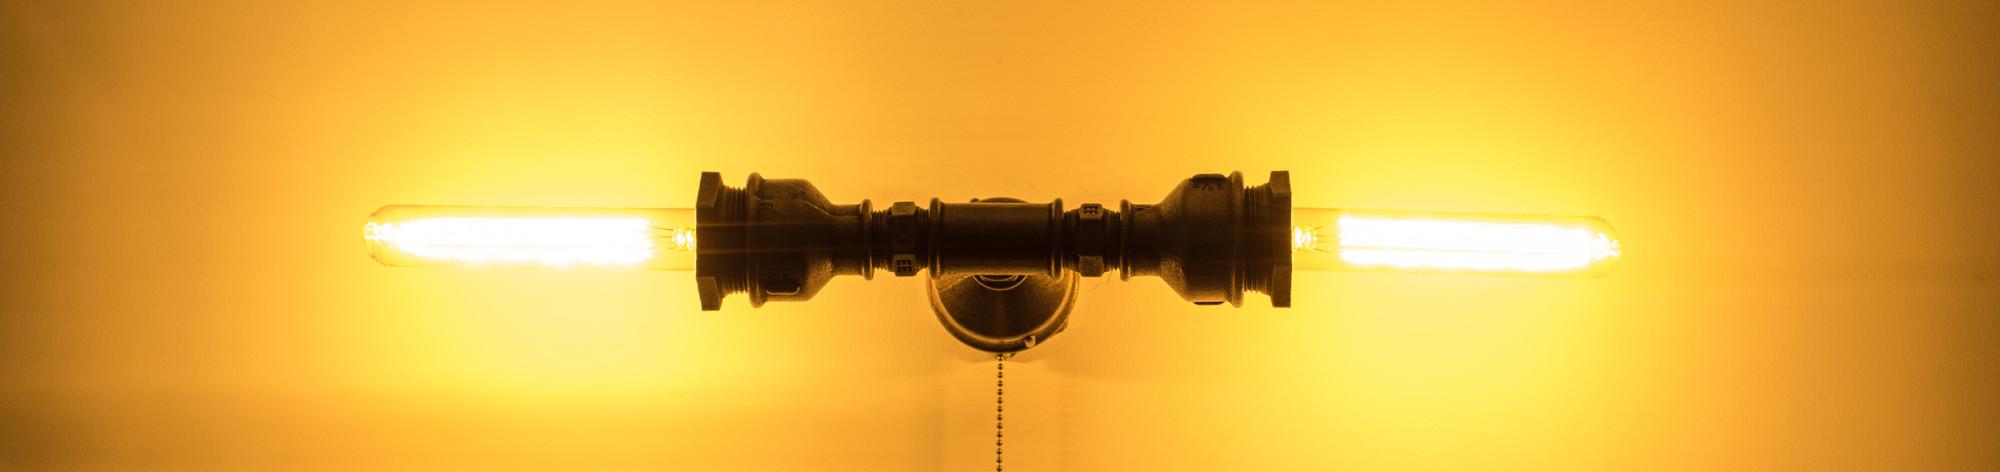 LOFTOWA LAMPA INDUSTRIALNA Z RUR